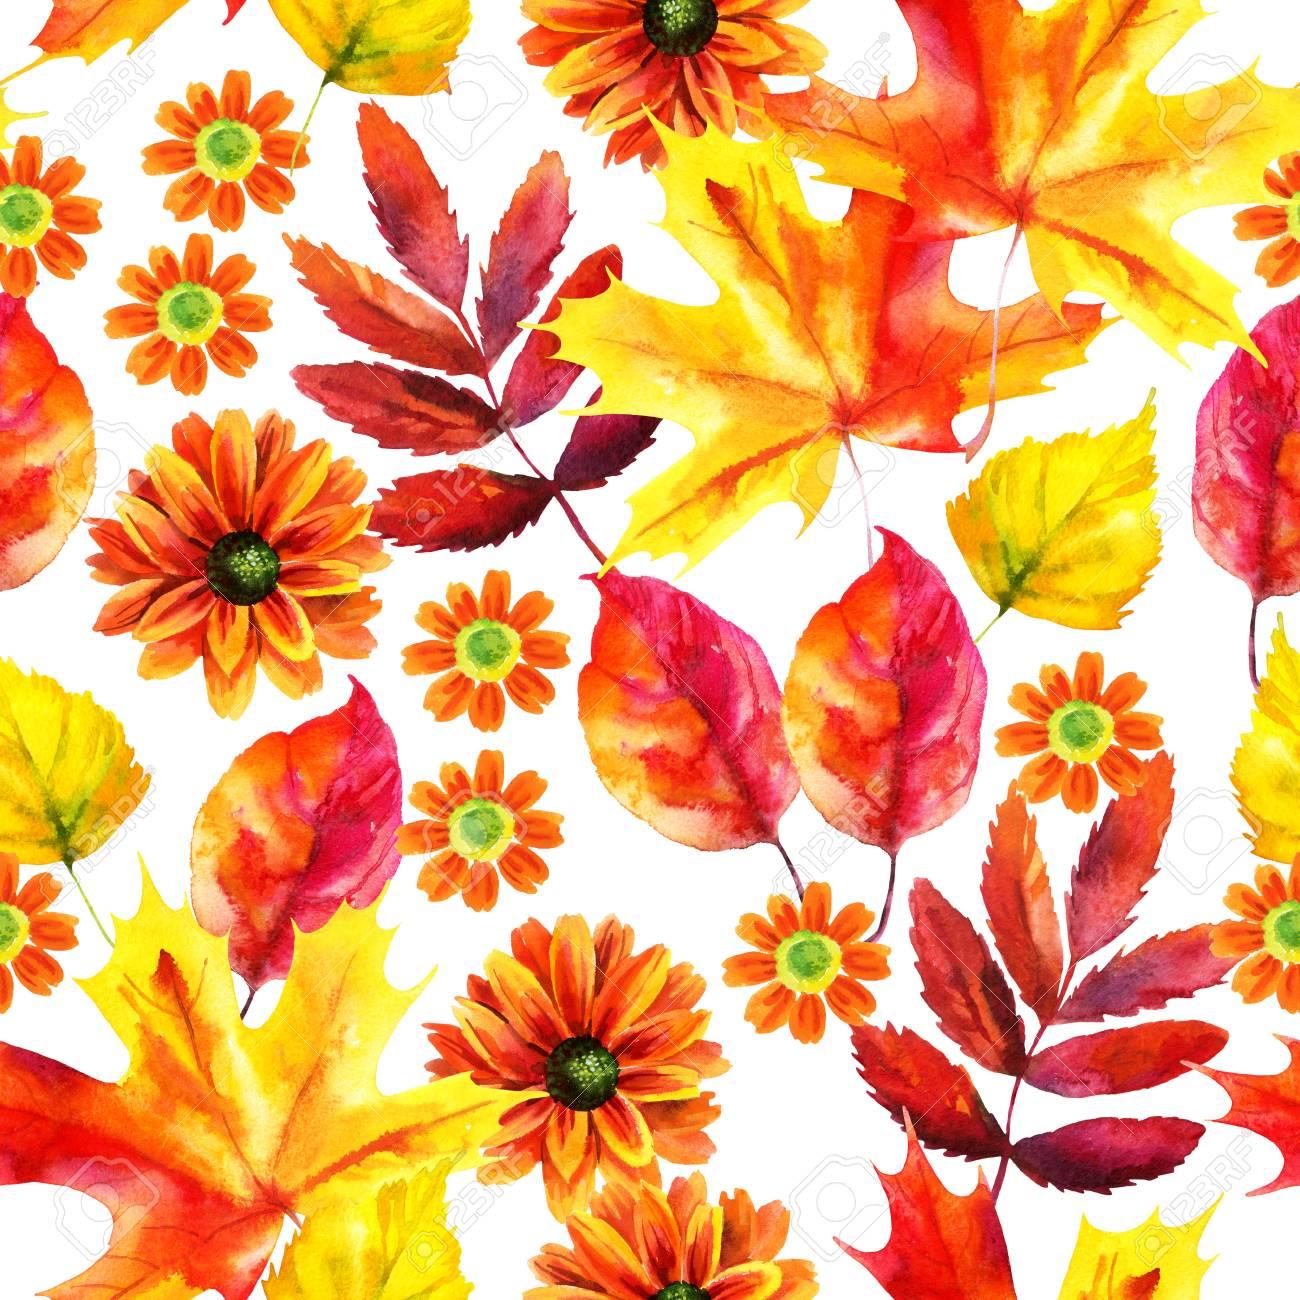 秋の紅葉と白い背景の花秋水彩画シームレス パターン。手描きの秋